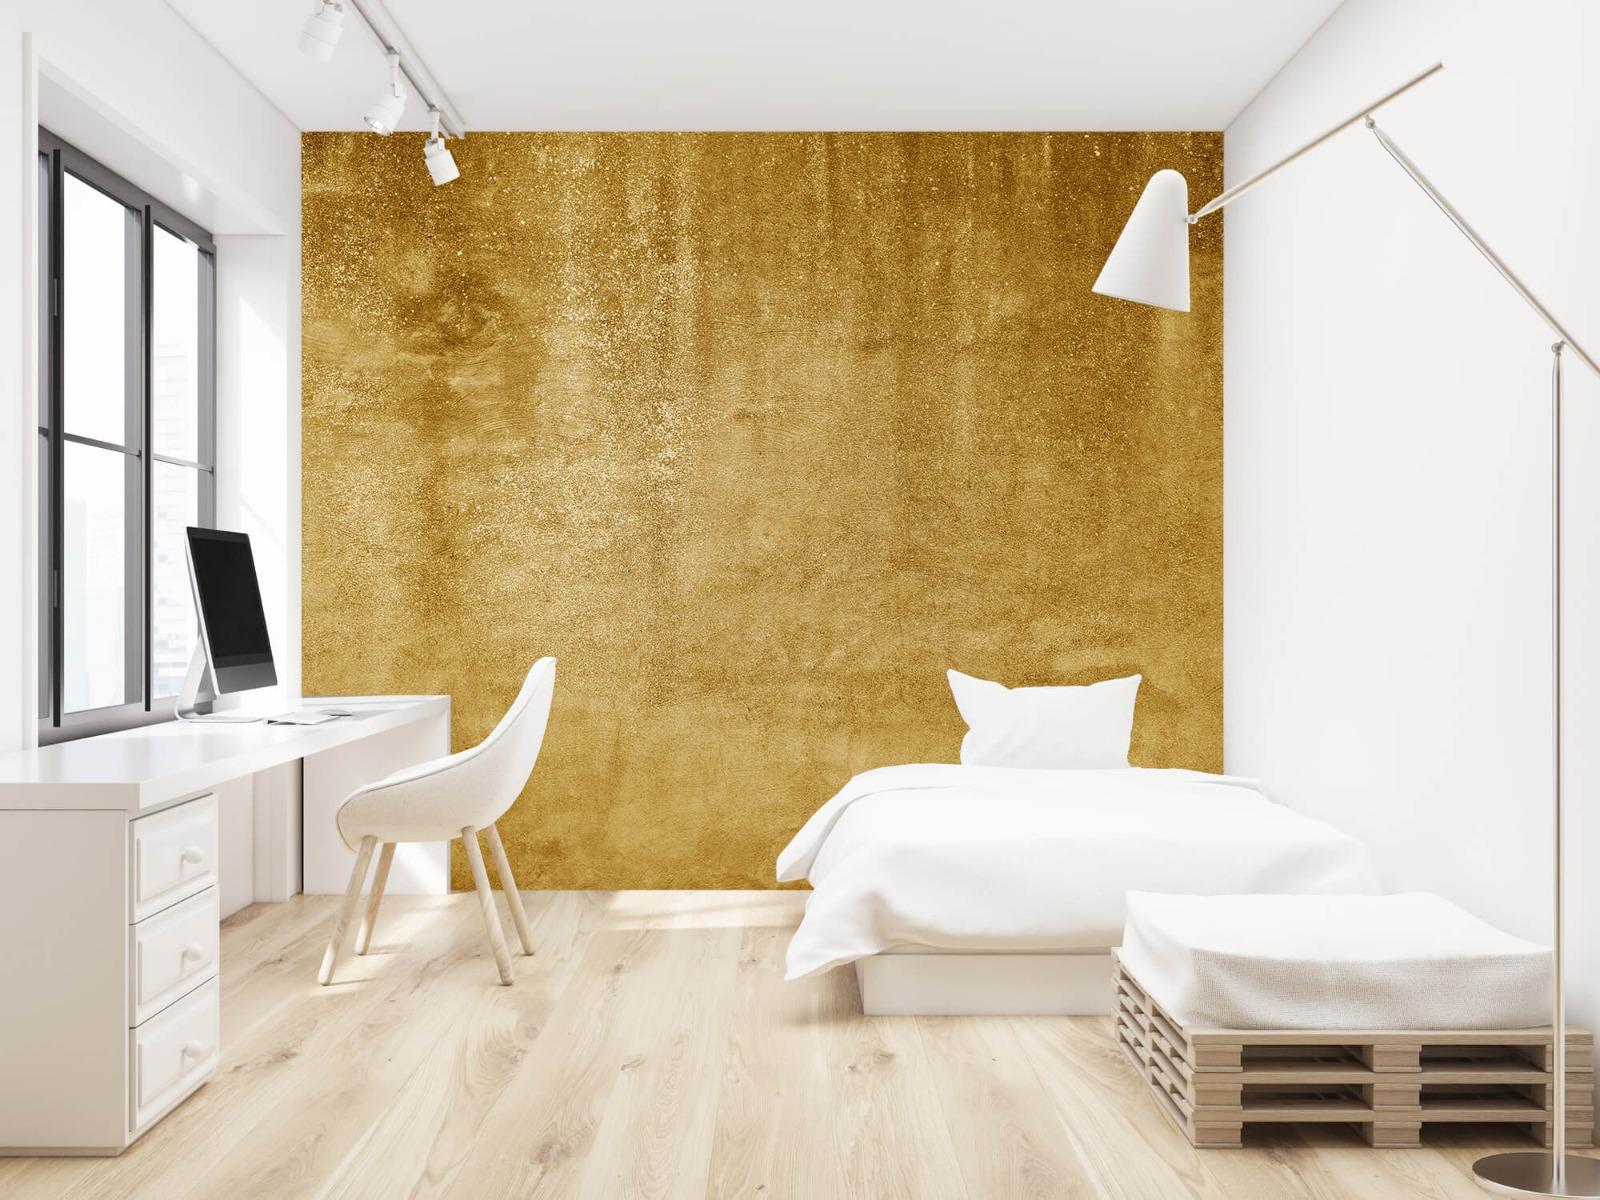 Betonoptik Tapete - Ockerhaltiger gelber Beton auf Fototapete - Wohnzimmer 22